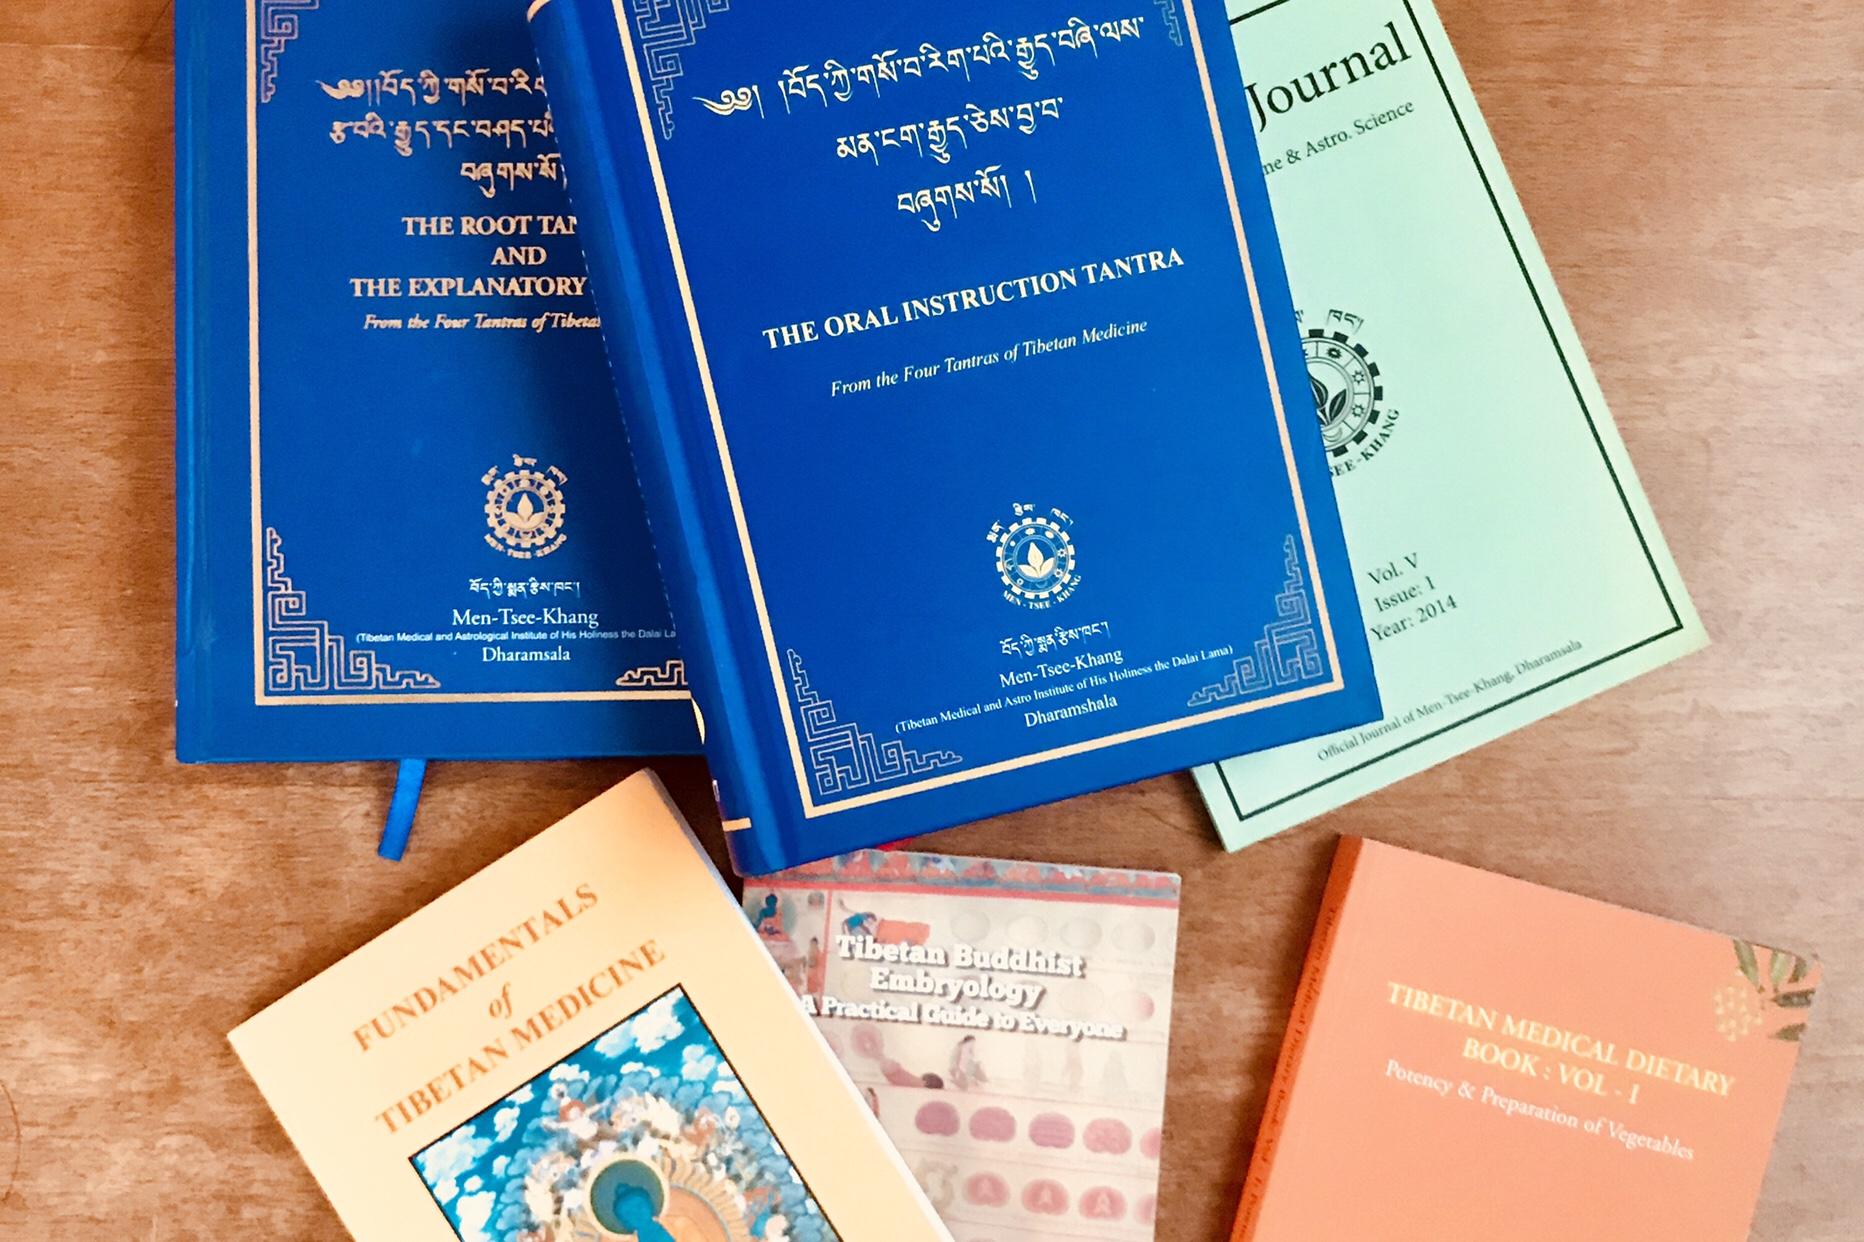 メンツィカンで購入したチベット医学の本